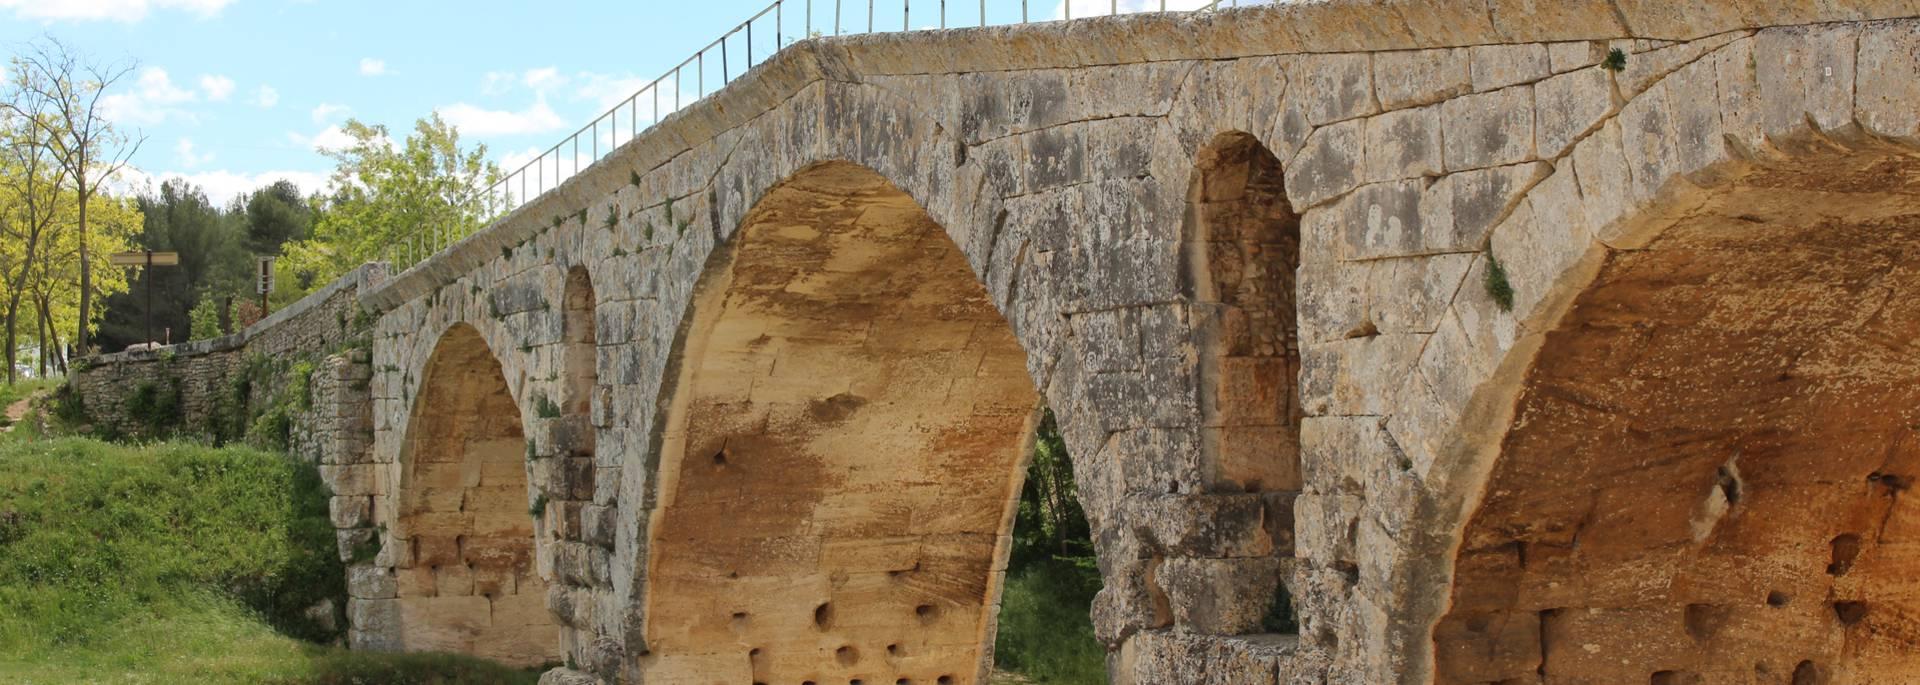 Pont Julien | Vestiges romain | Via domitia | Pont |